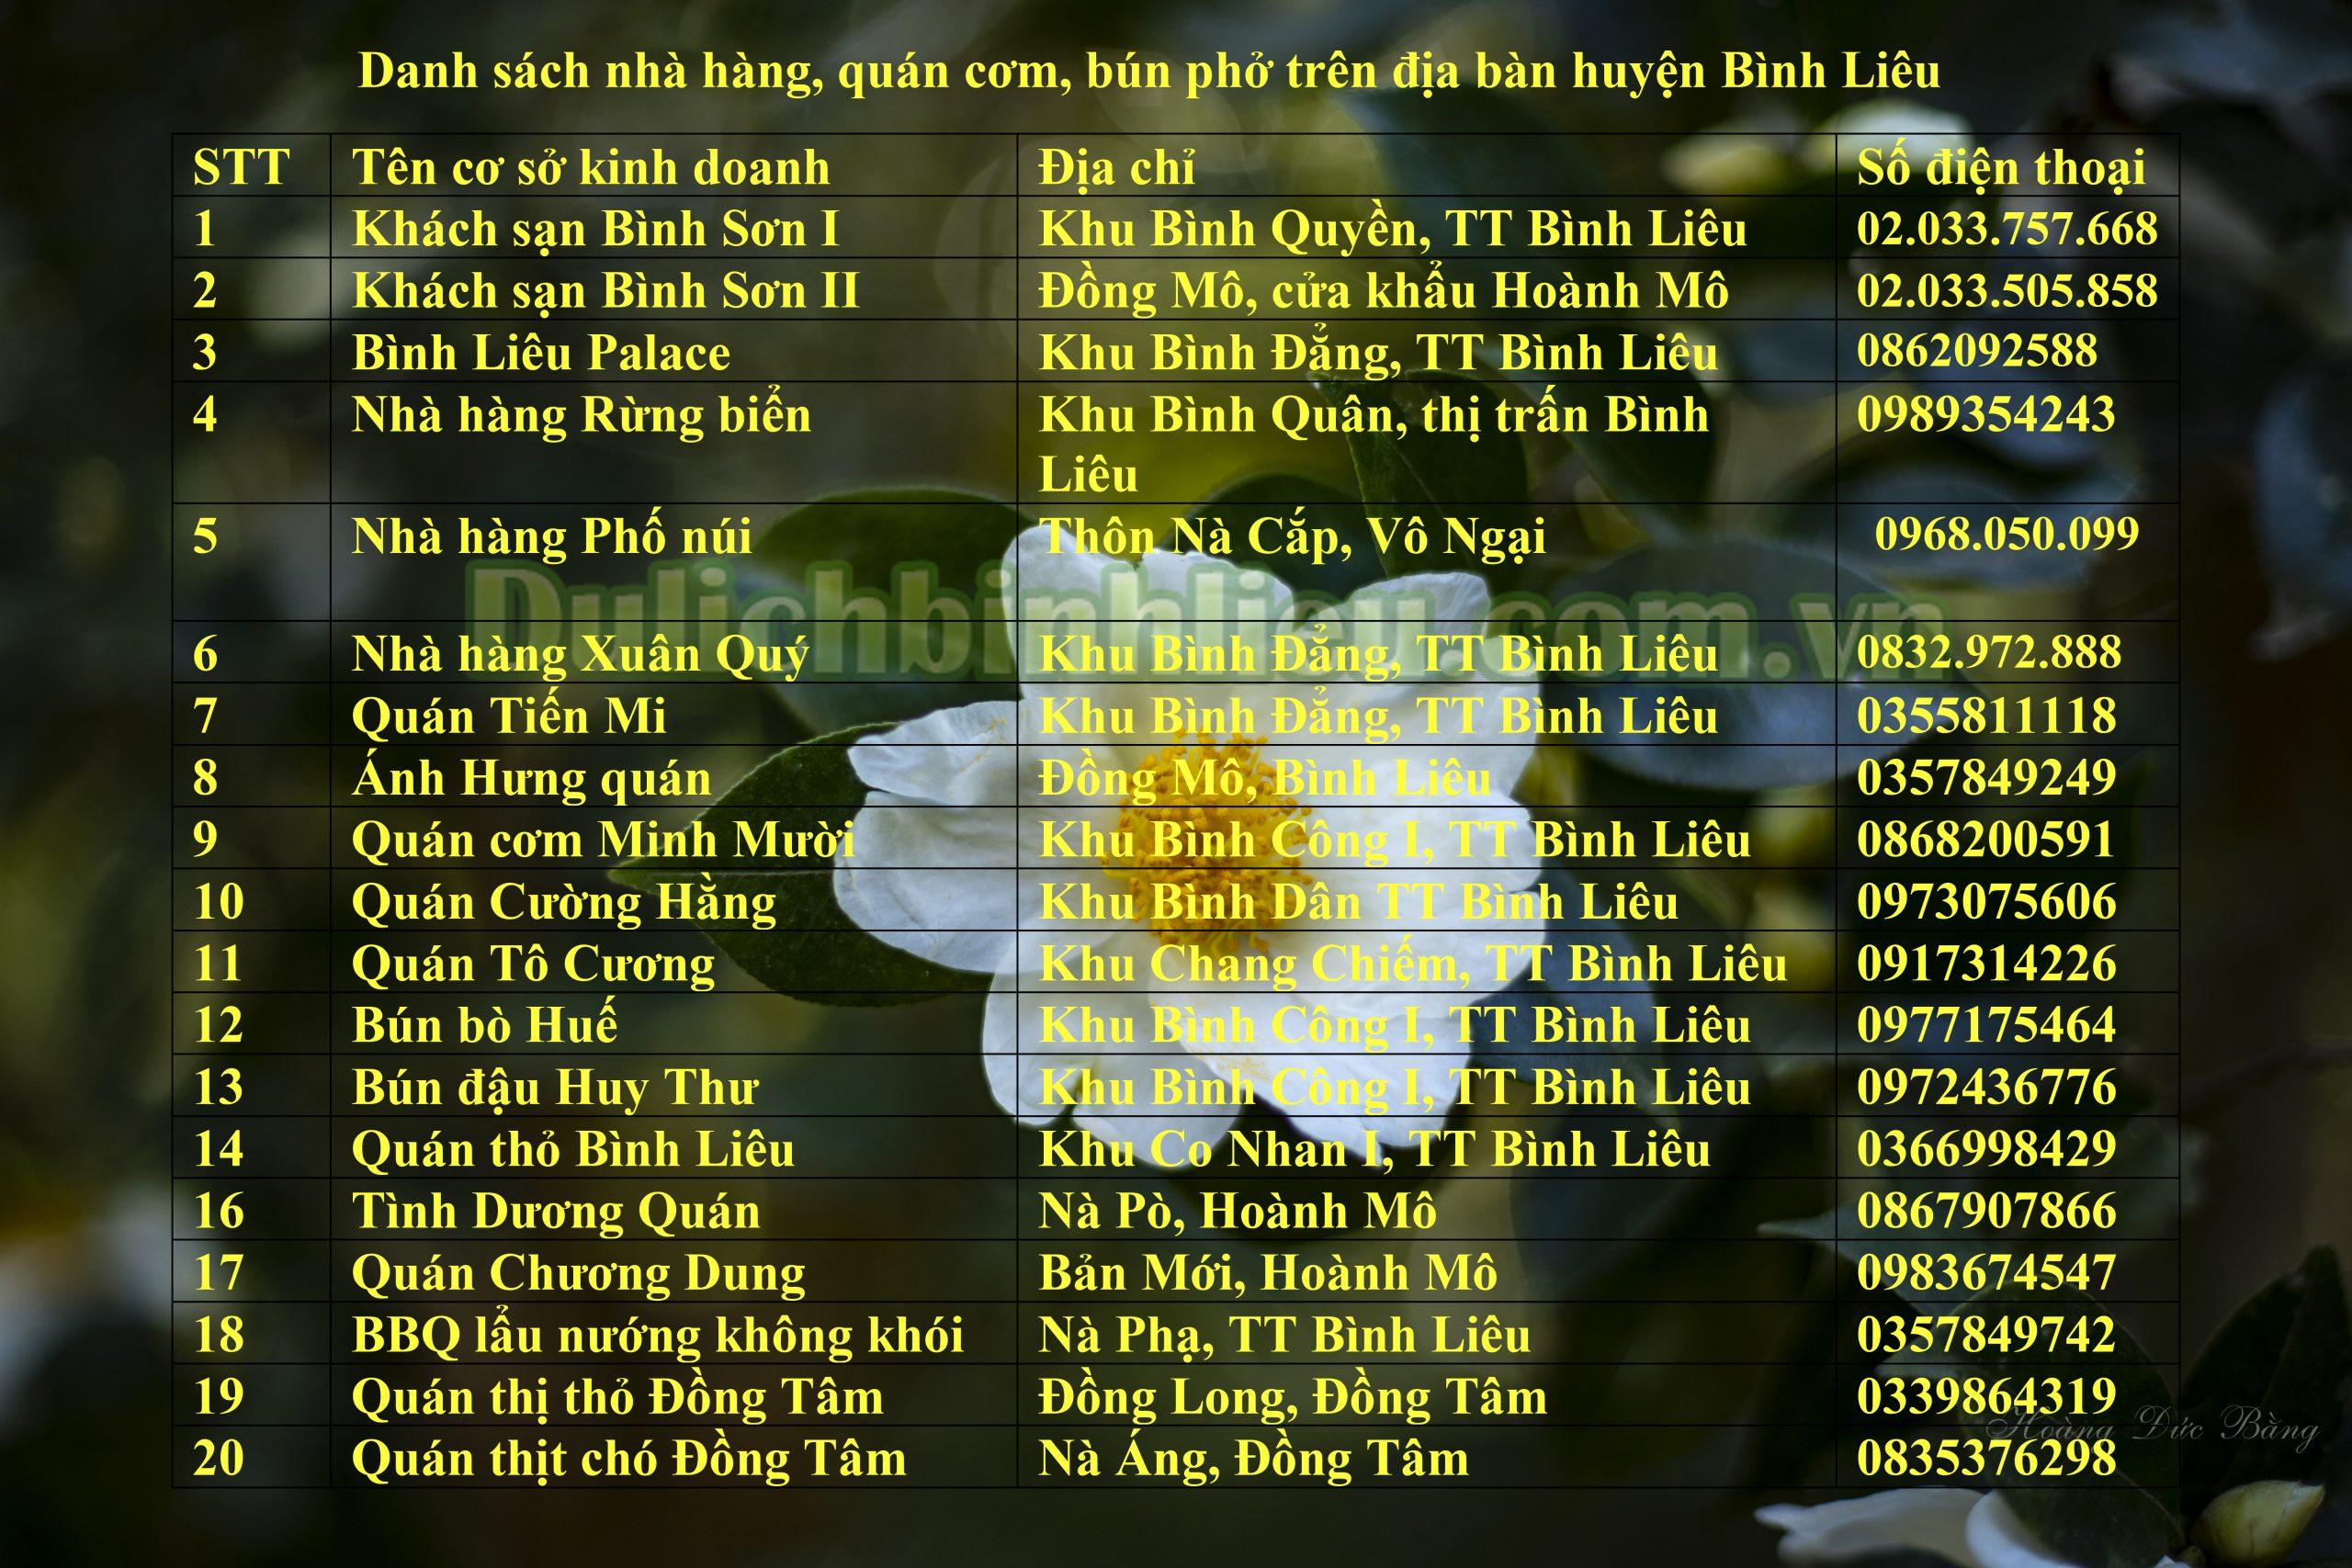 Danh sách nhà hàng, quán cơm, bún phở trên địa bàn huyện Bình Liêu